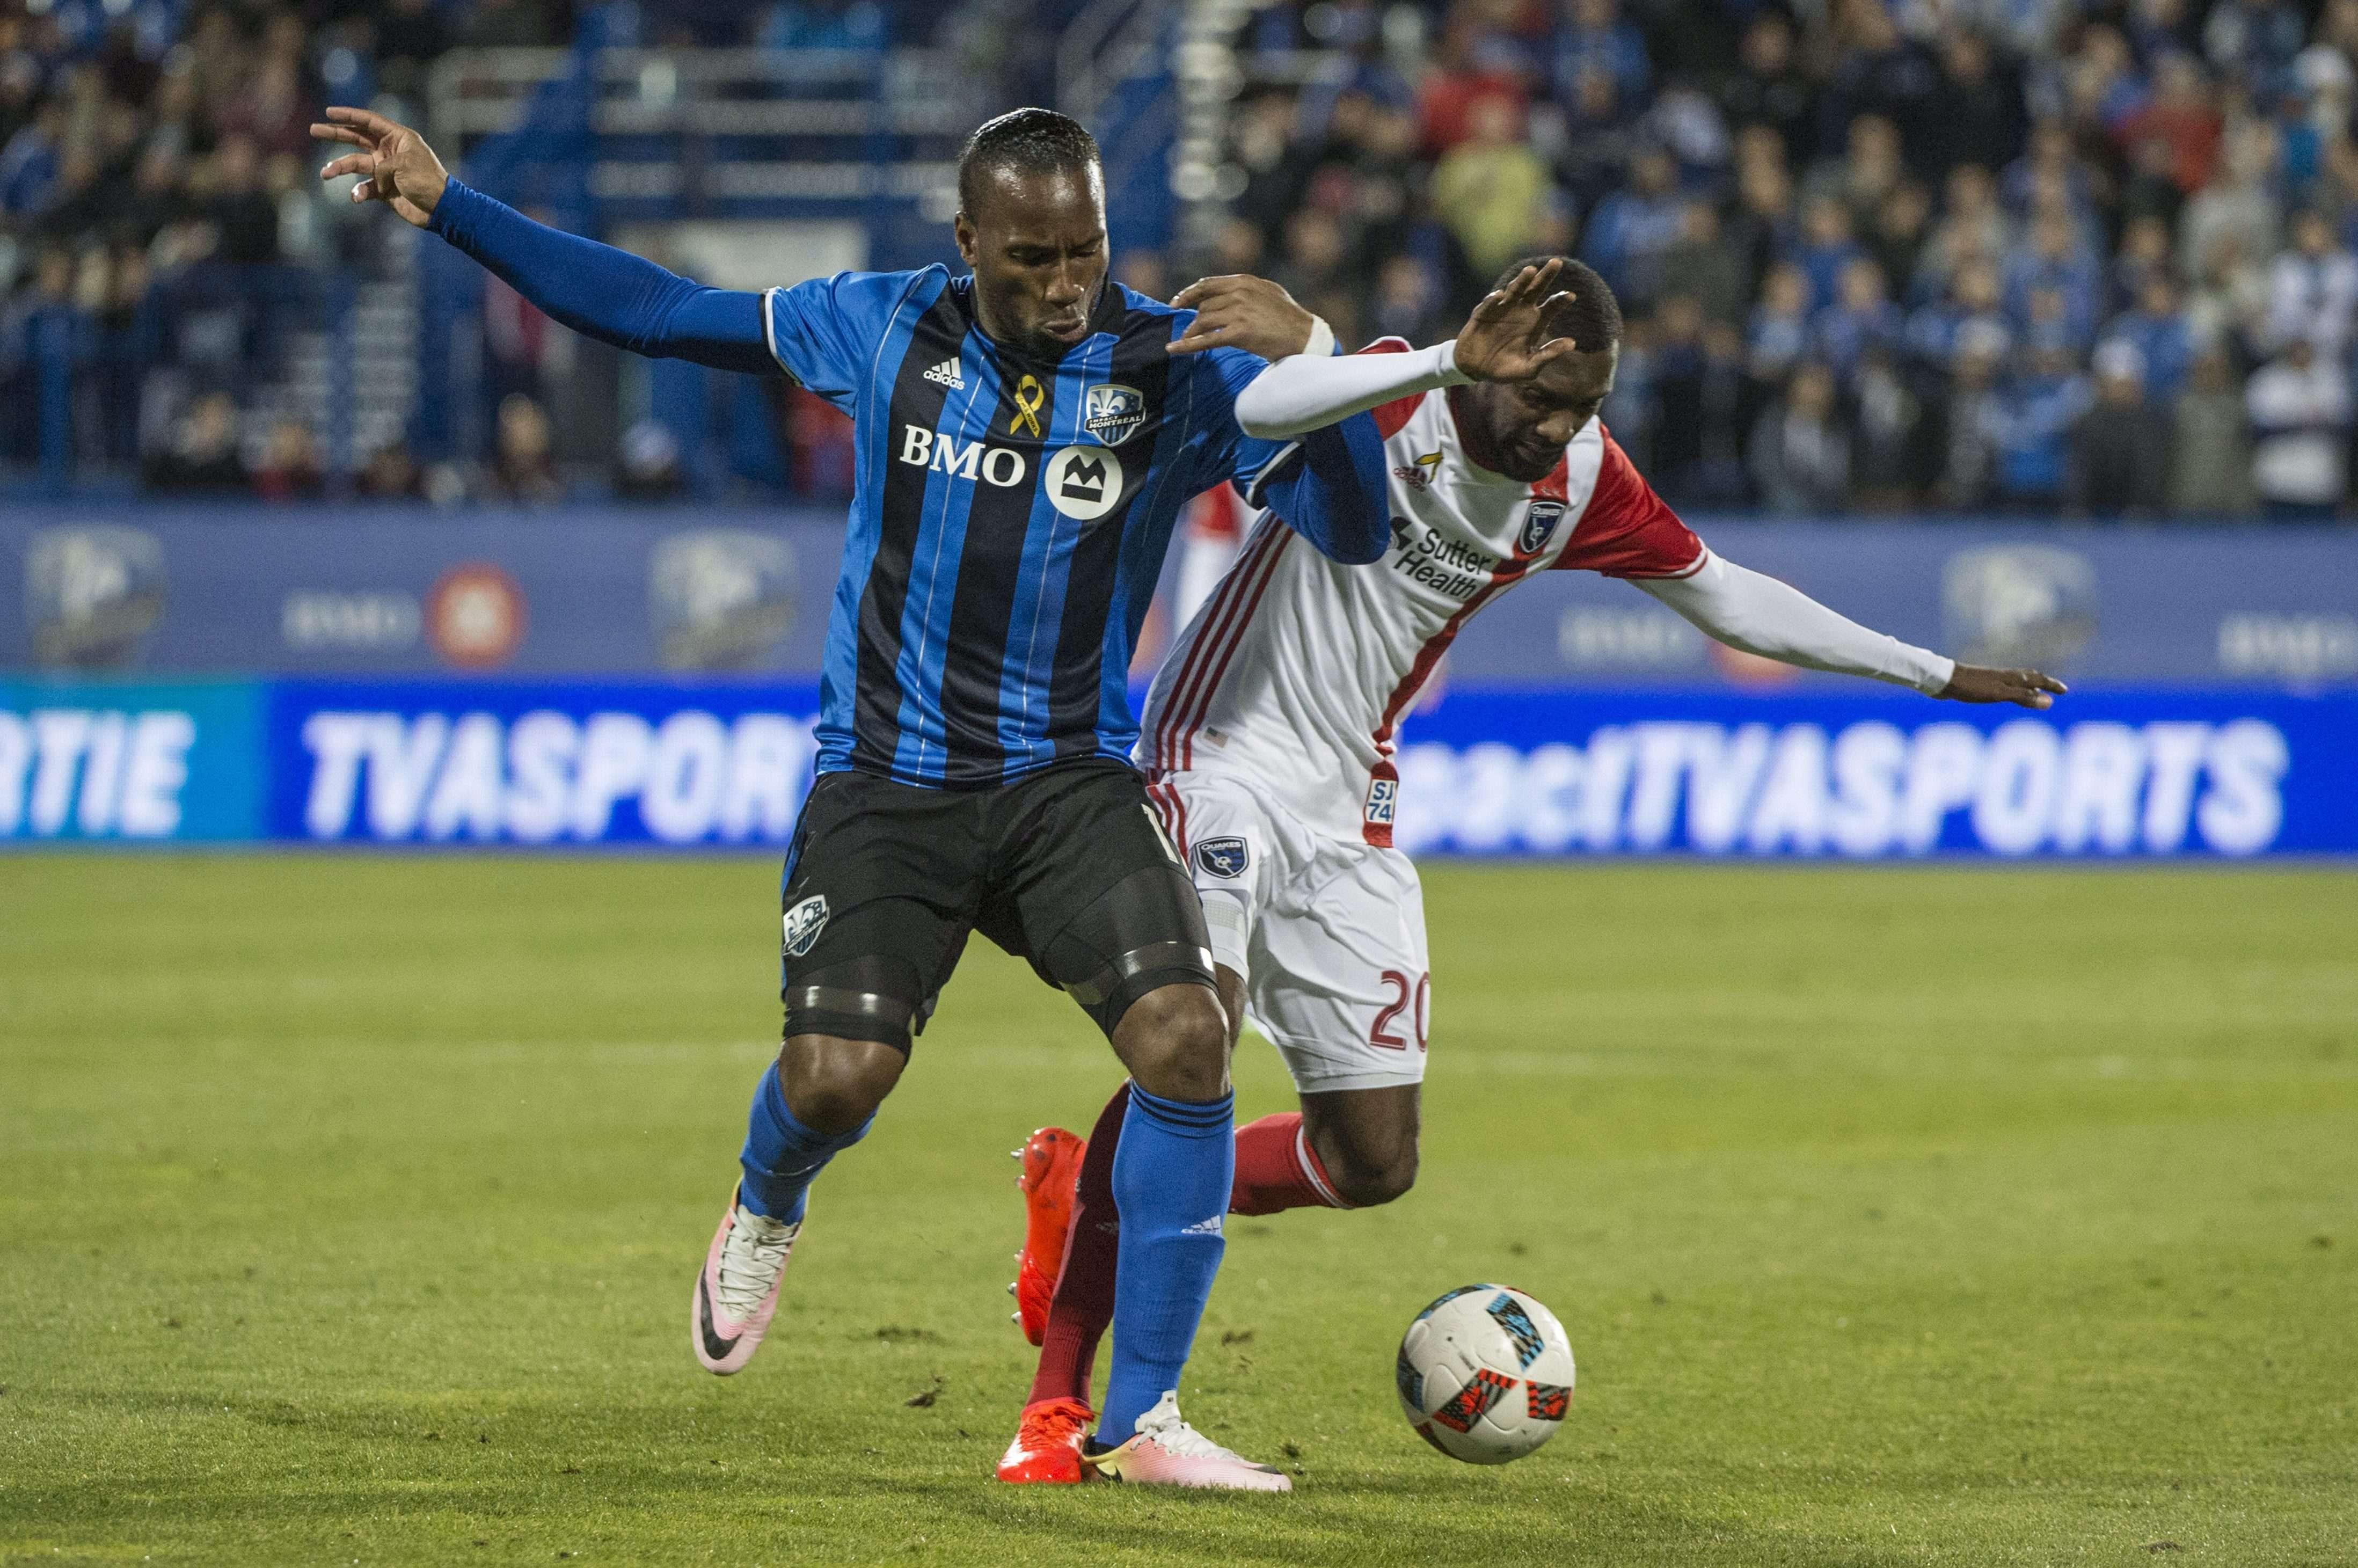 L'attaquant de l'Impact Montréal Didier Drogba, à gauche, et le défenseur des San Jose Earthquakes, Shaun Francis, s'affrontent pour le ballon lors de la deuxième moitié d'un match de soccer de la MLS, le mercredi 28 septembre 2016 à Montreal.